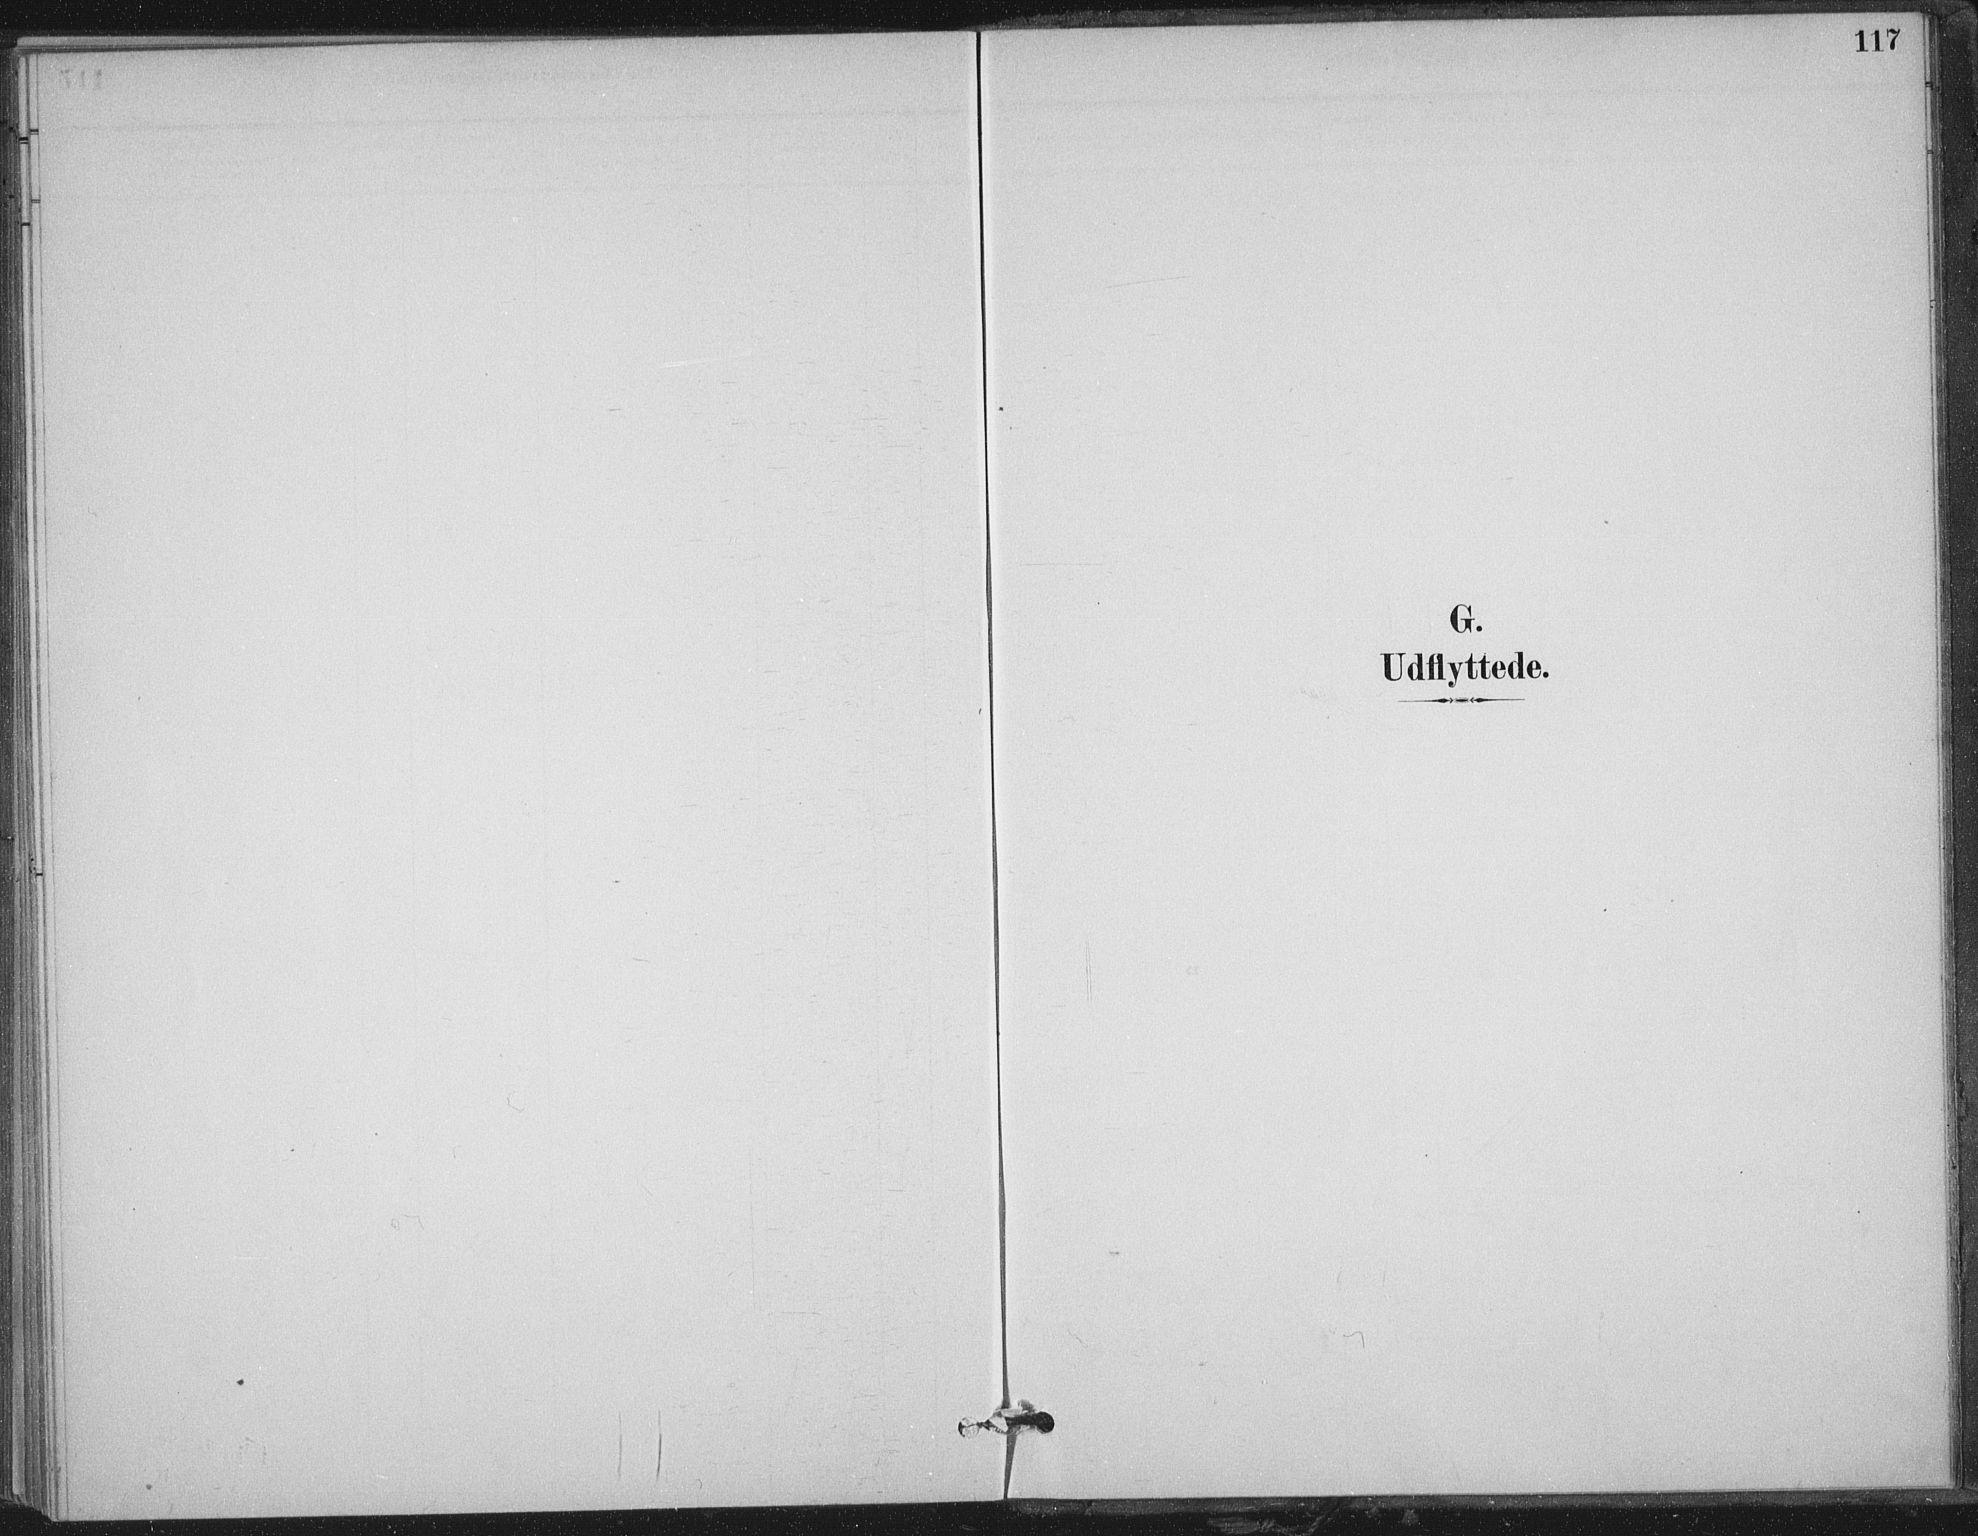 SAT, Ministerialprotokoller, klokkerbøker og fødselsregistre - Nord-Trøndelag, 702/L0023: Ministerialbok nr. 702A01, 1883-1897, s. 117